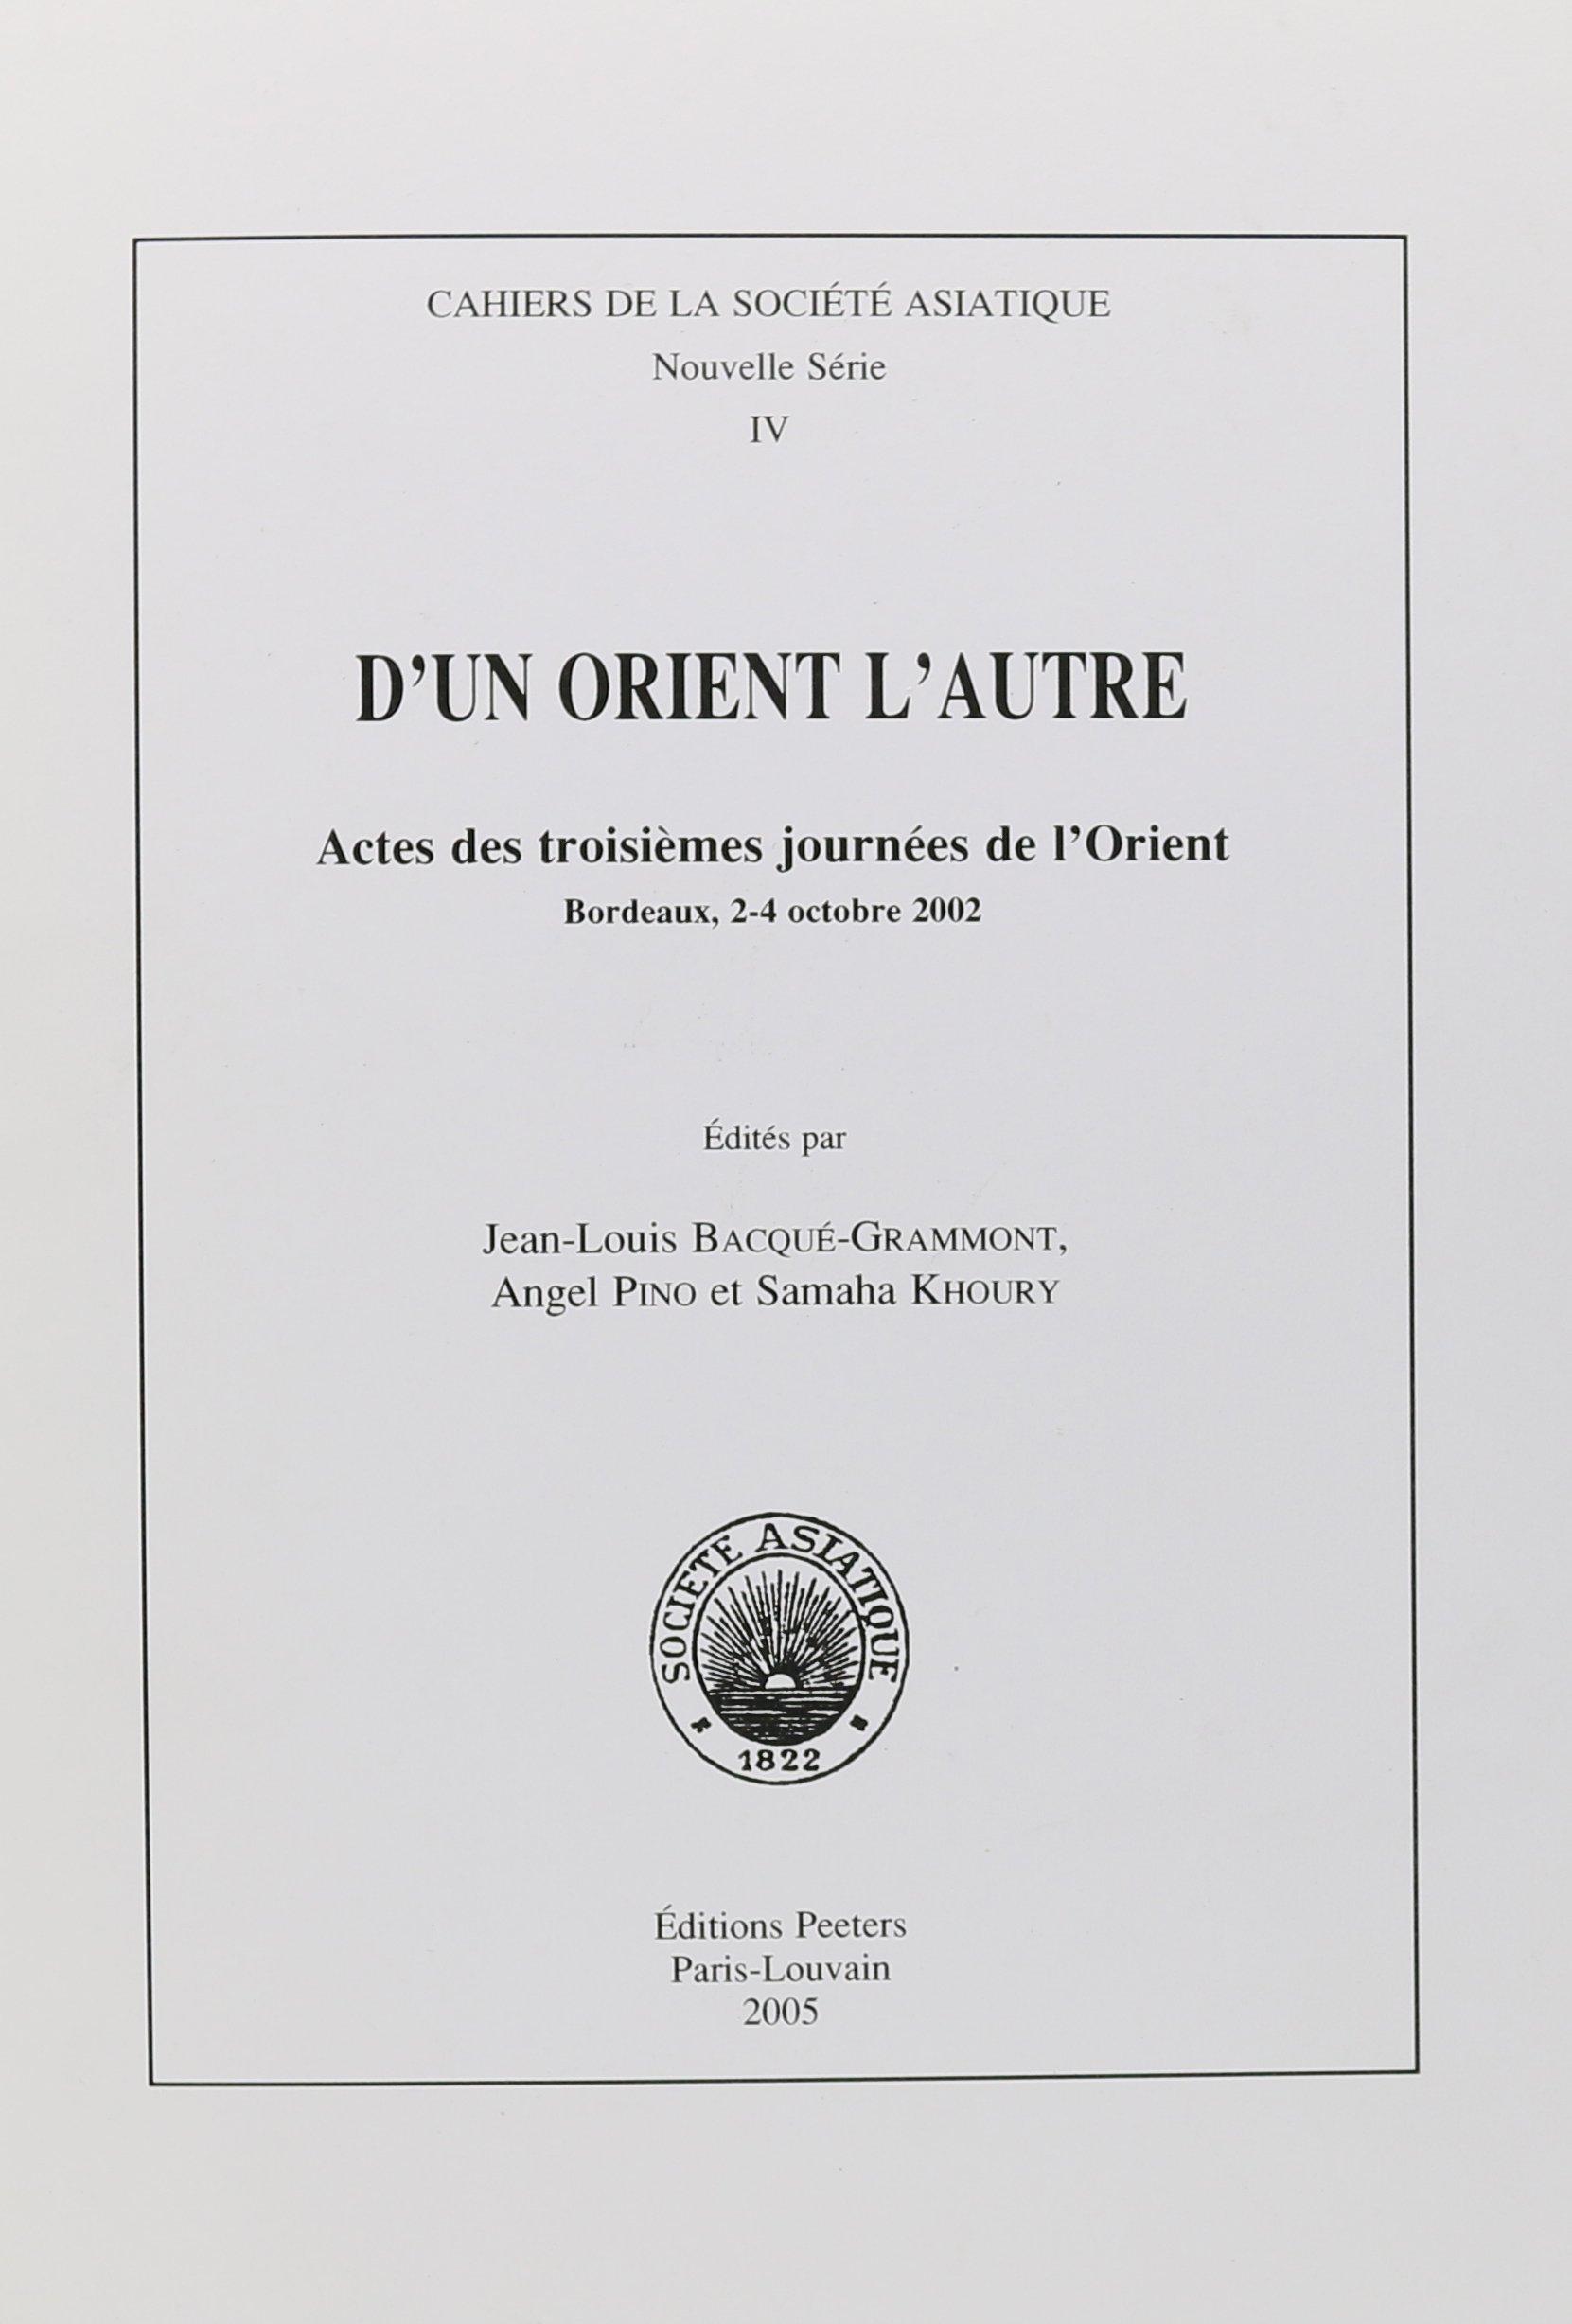 Read Online D'un Orient l'autre: Actes des troisiemes journees de l'Orient. Bordeaux, 2-4 octobre 2002 (Cahiers de la Societe Asiatique. Nouvelle Serie) PDF